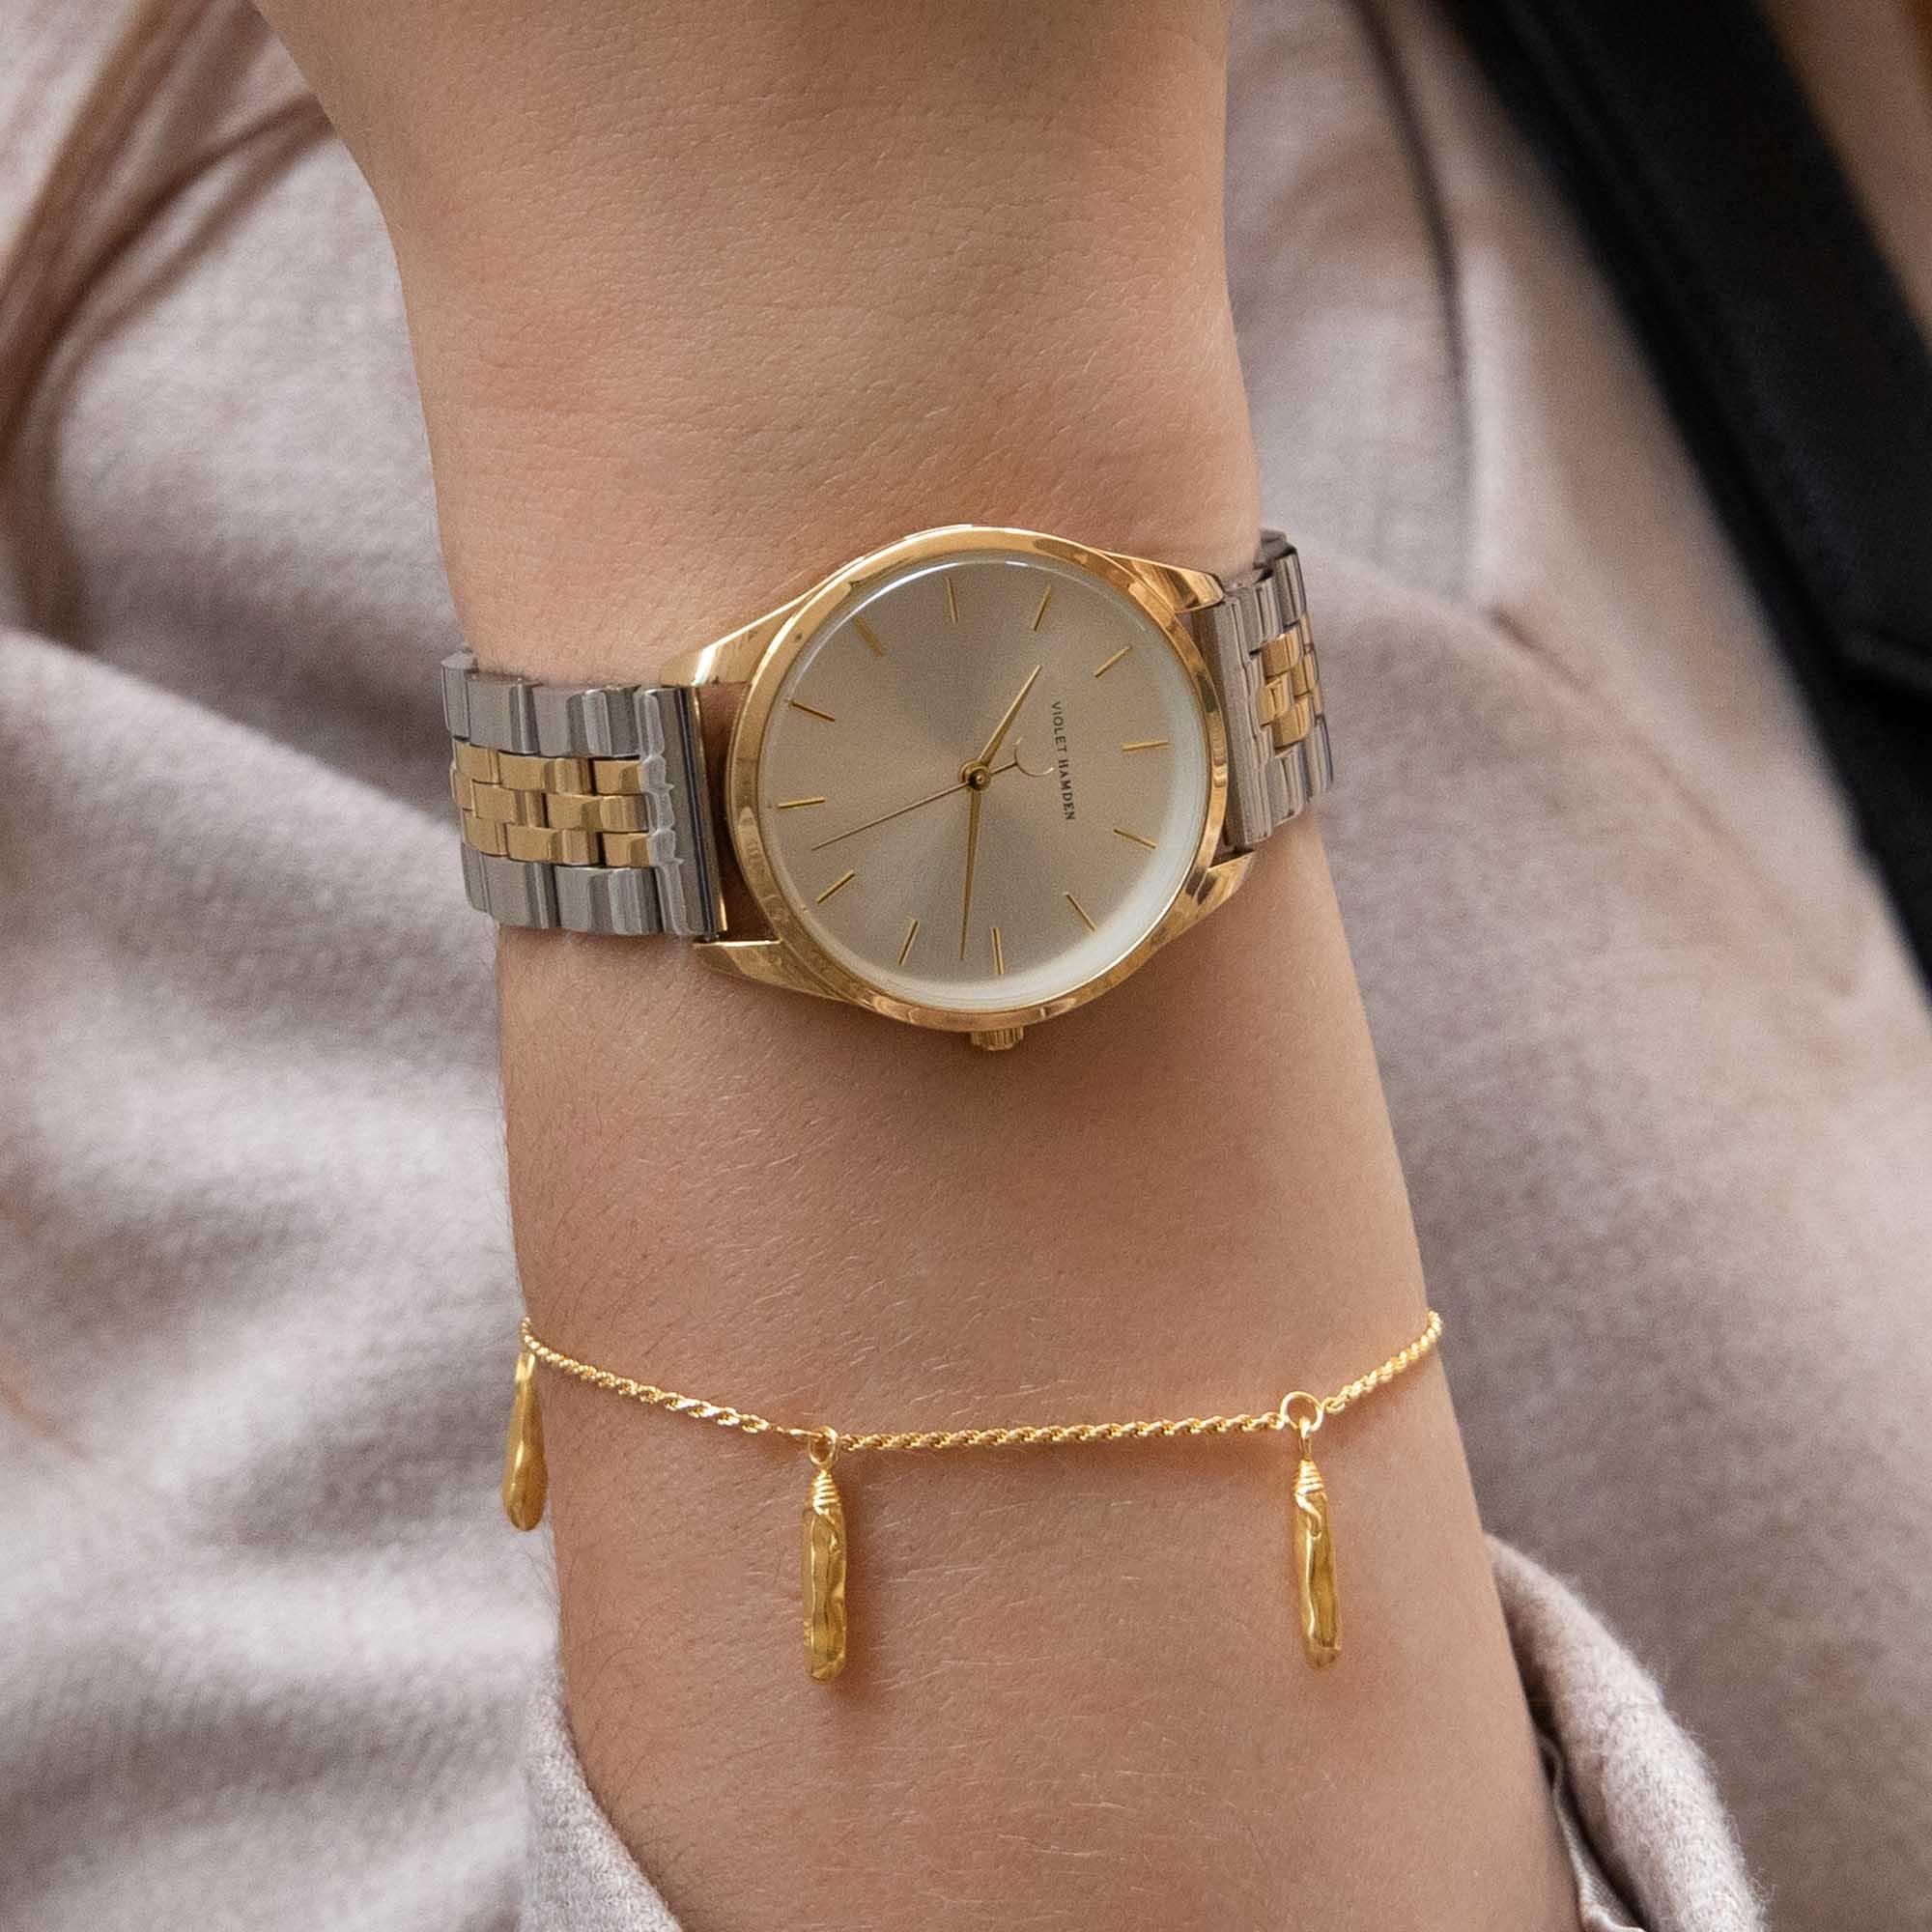 Violet Hamden Sisterhood Mona 925 sterling silver gold colored bracelet